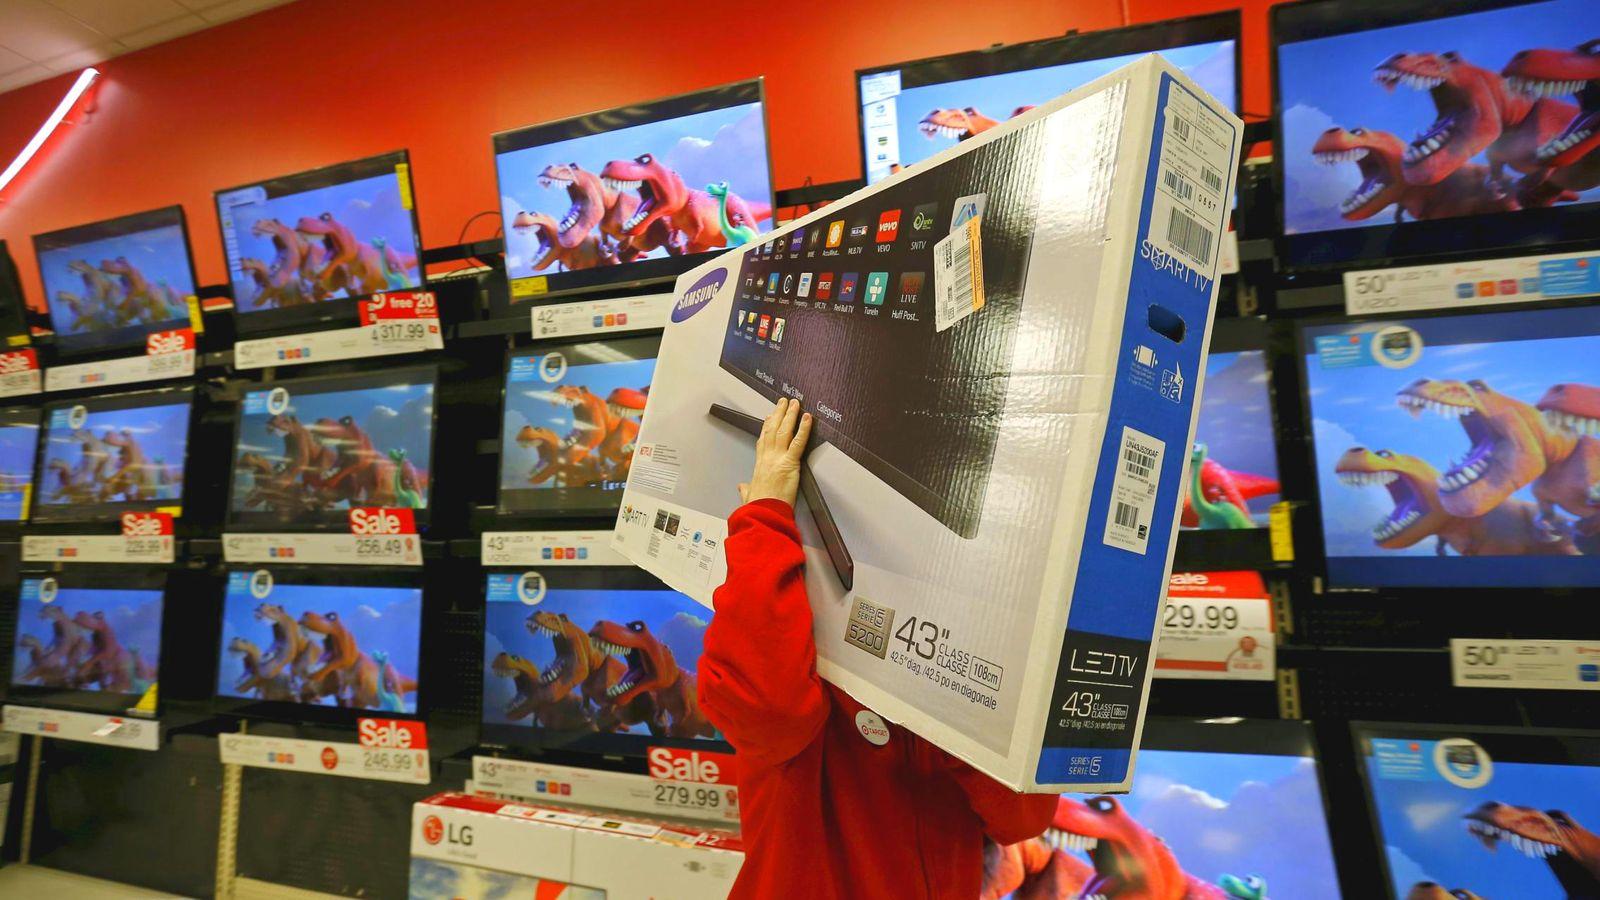 Ofertas y descuentos la ocu acusa a media markt de for Media markt fotos precios